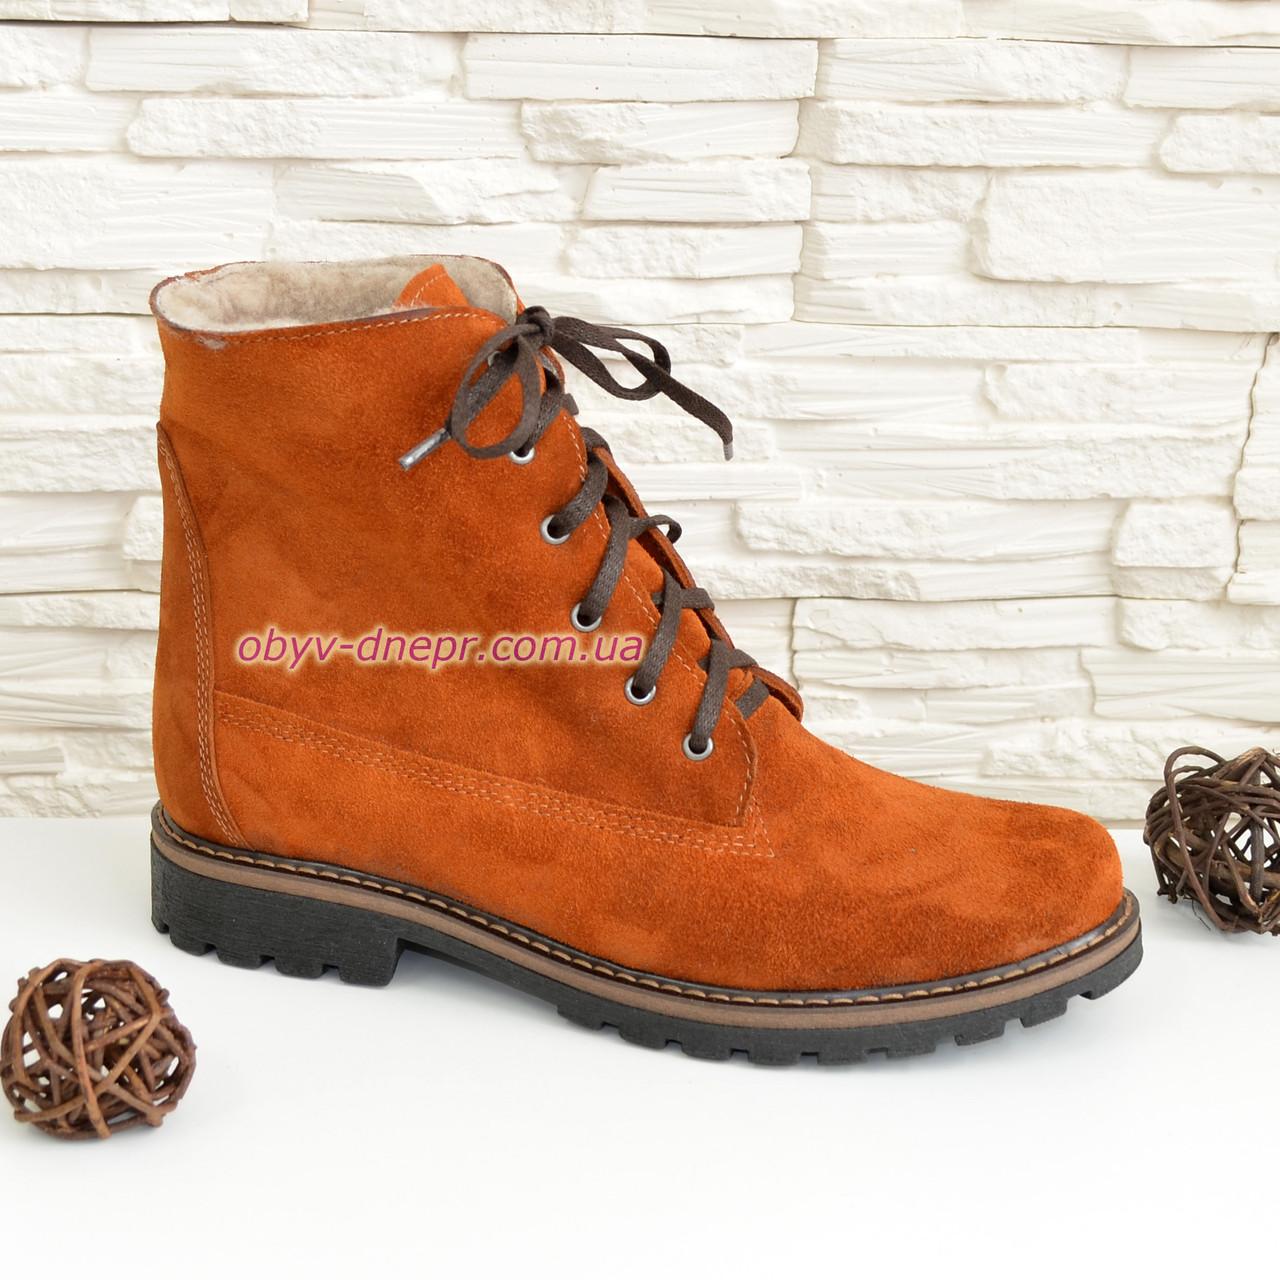 Женские ботинки замшевые рыжие на низком ходу